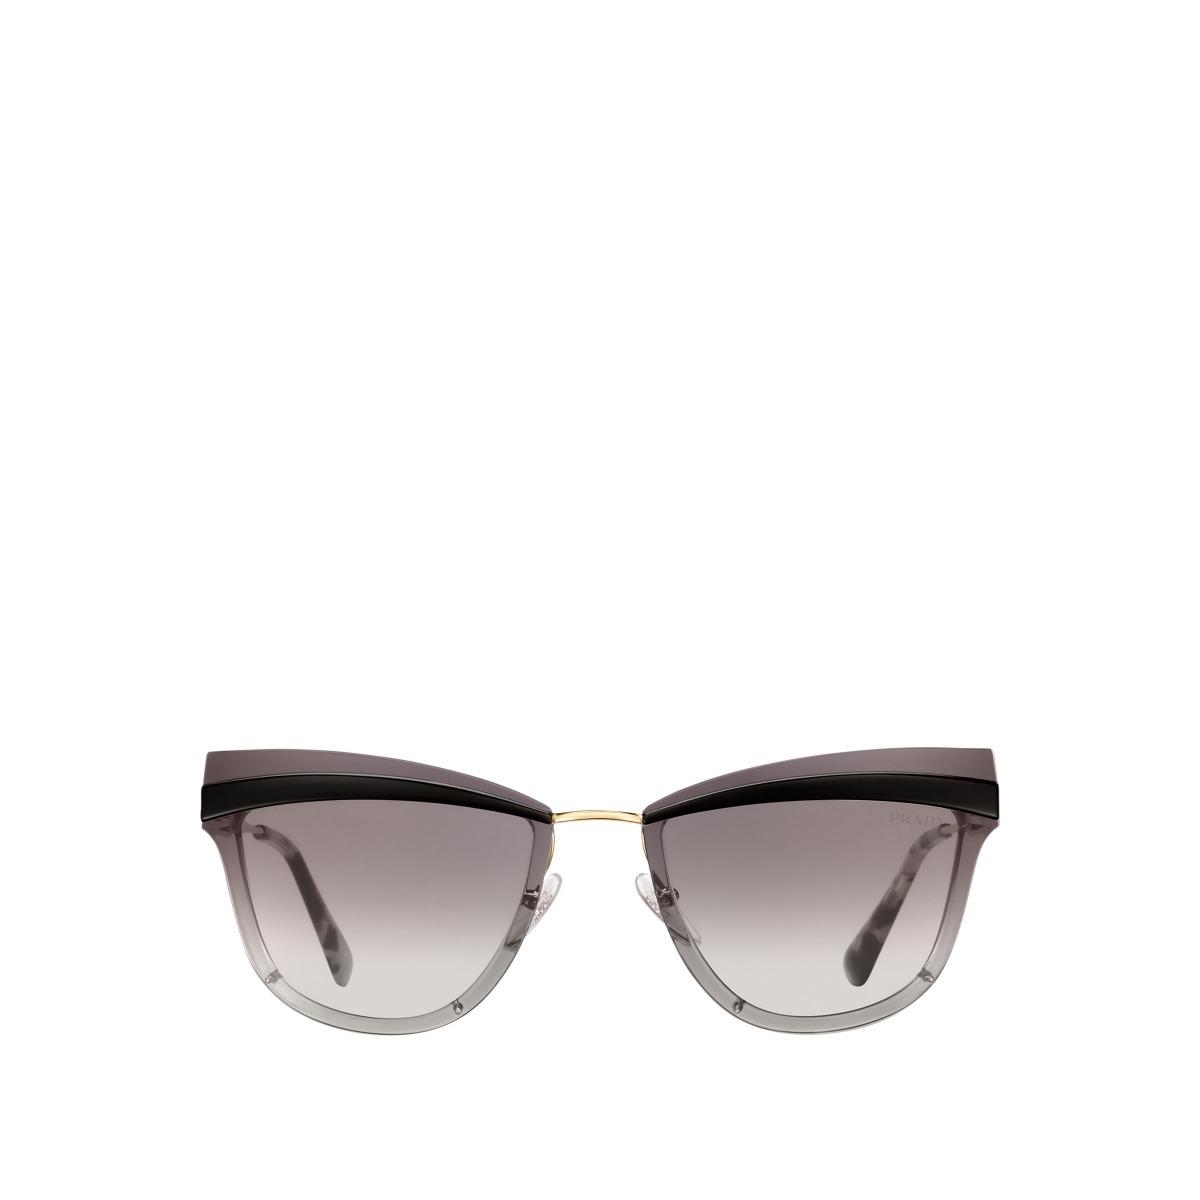 e5819d1d7e Gafas De Sol Prada Cinema - $ 25.000,00 en Mercado Libre